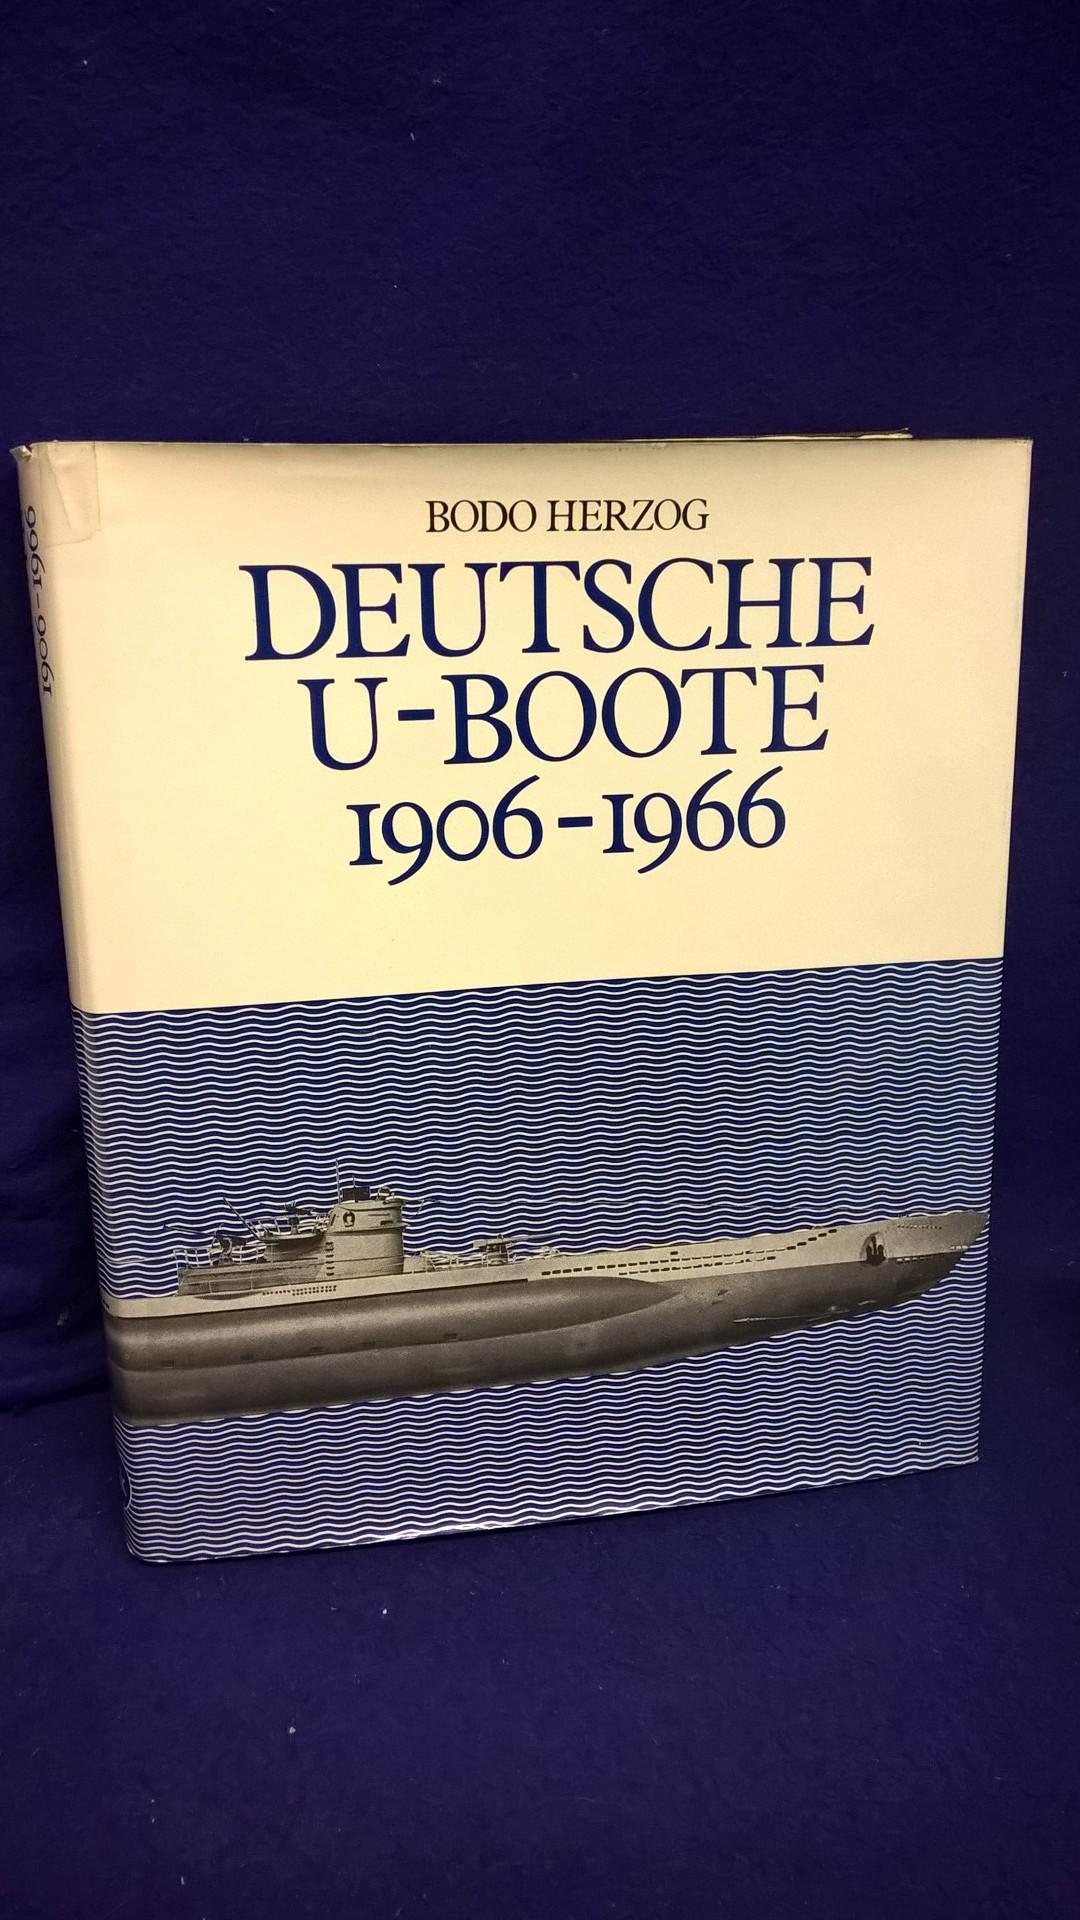 Deutsche U-Boote 1906-1966